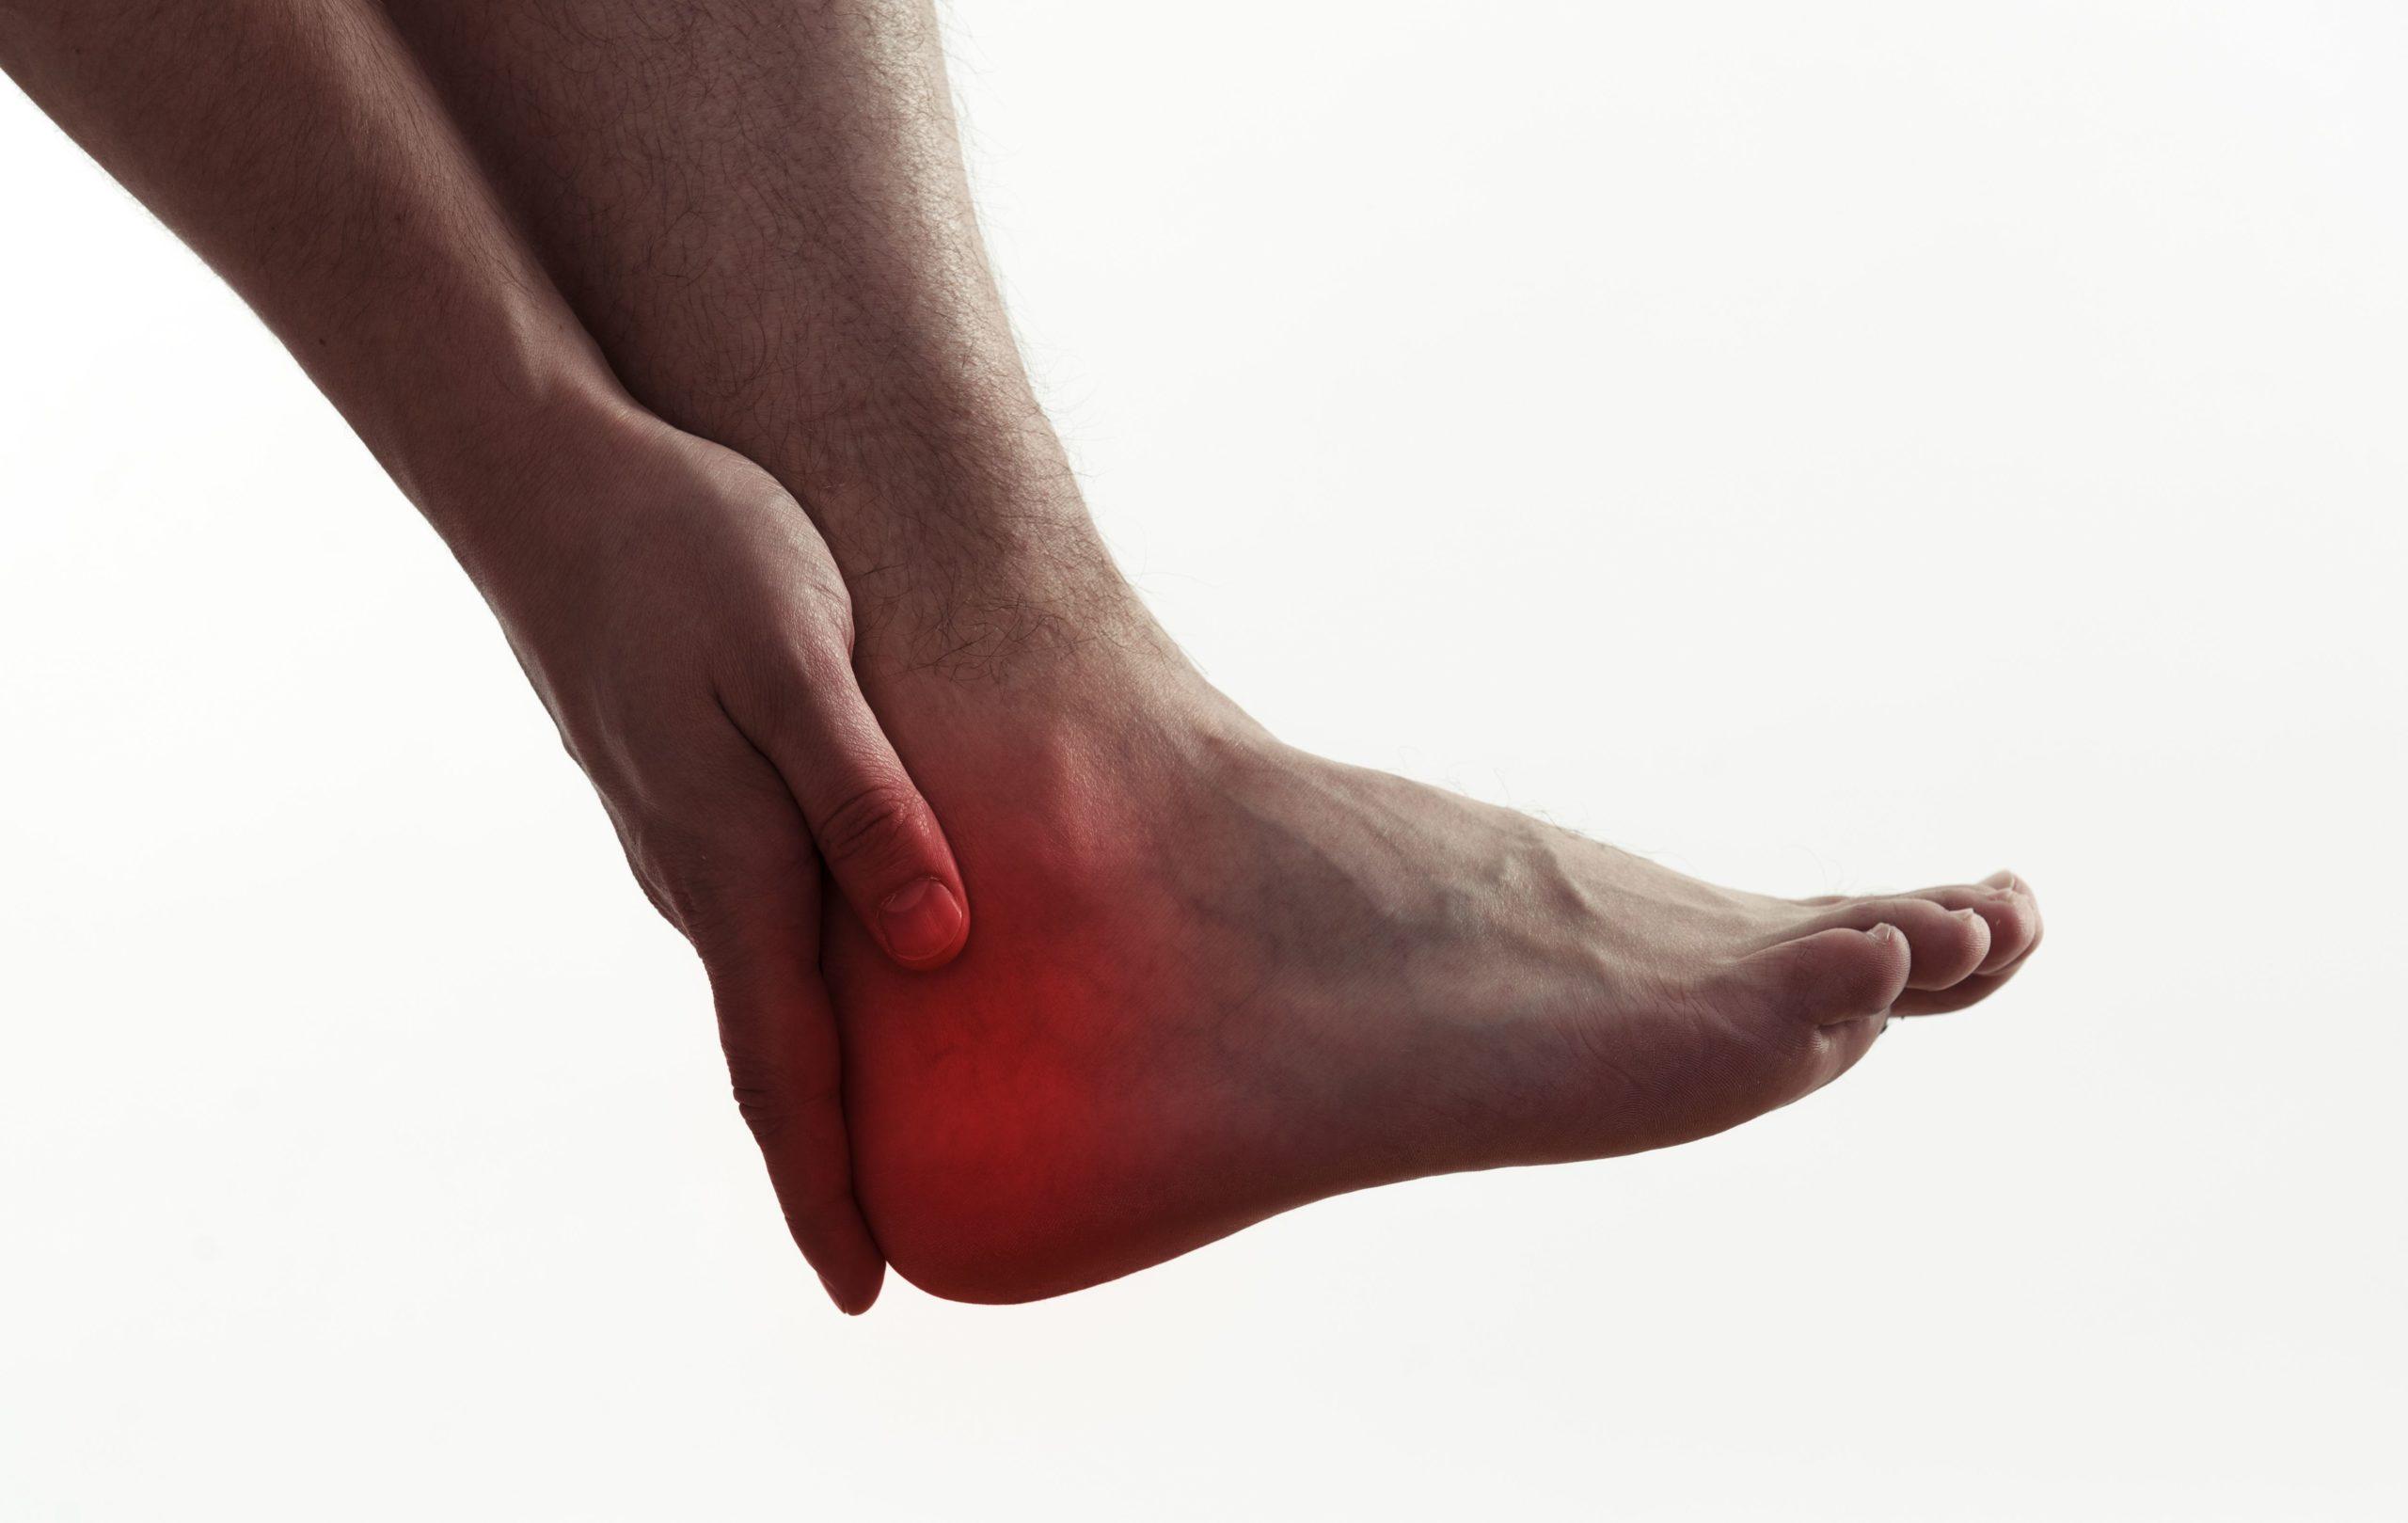 Imagem de uma pessoa sentindo dores no tendão na região do pé.